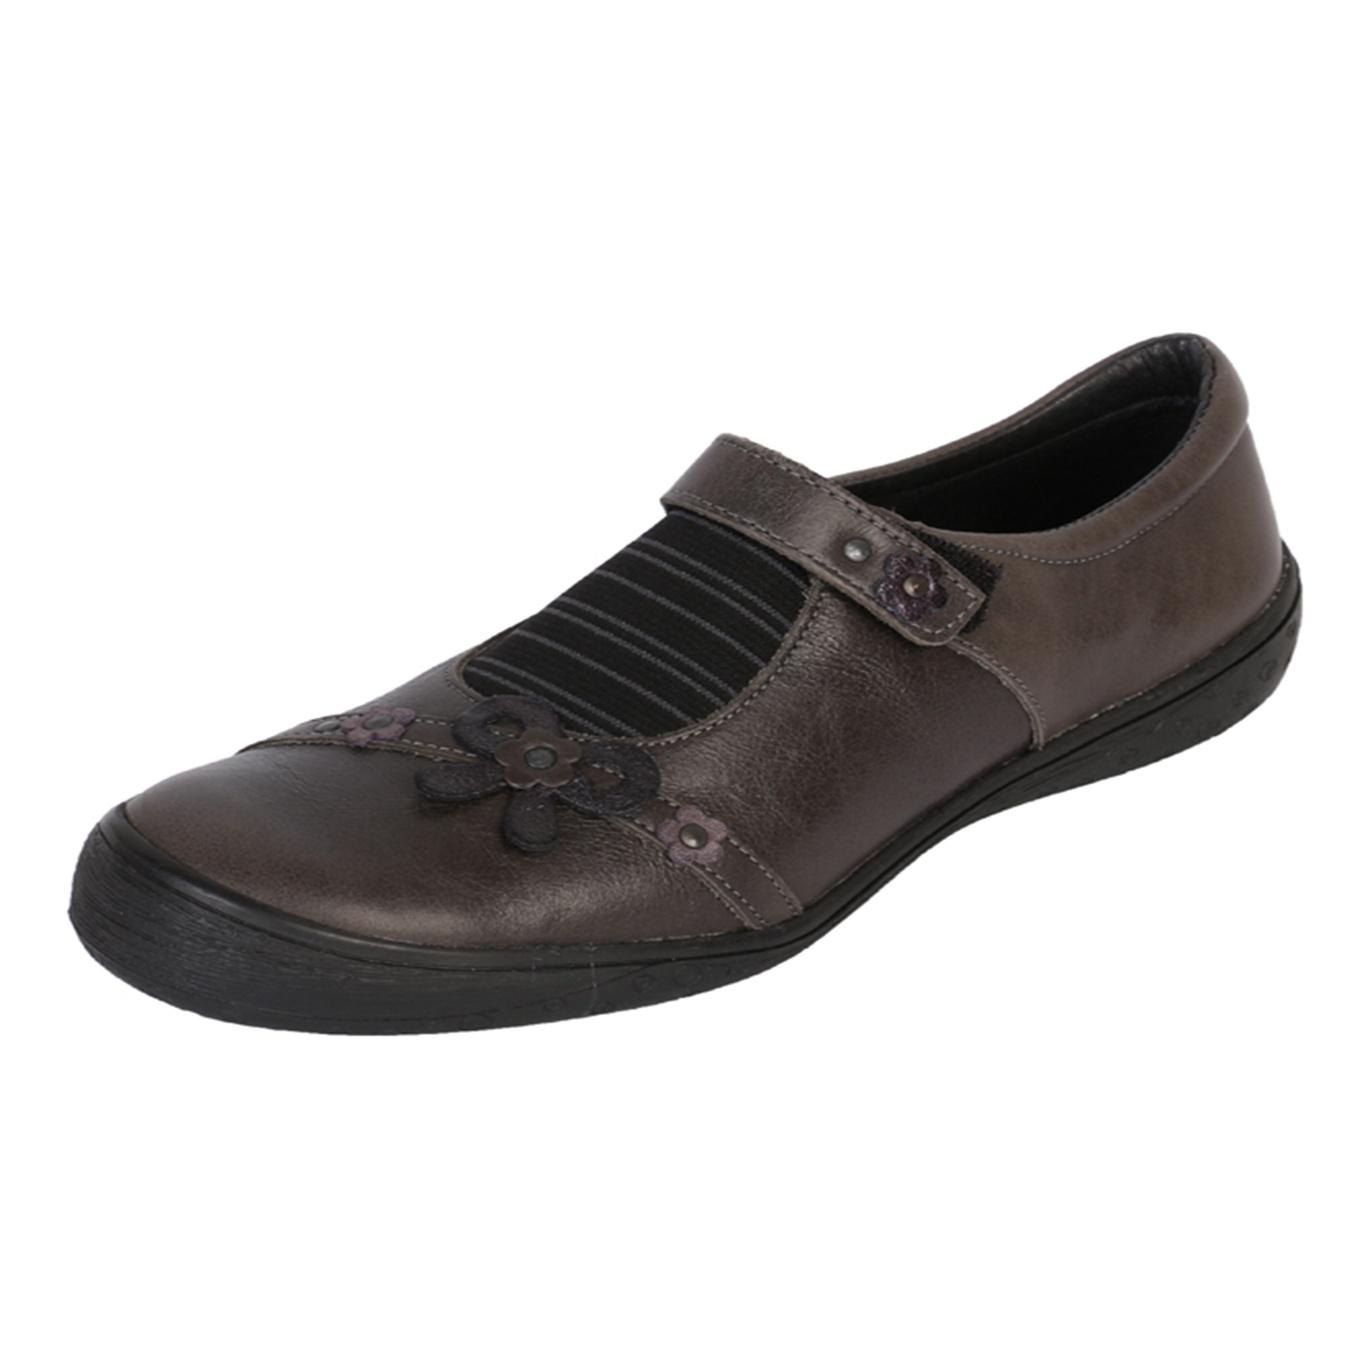 کفش دخترانه جیمو مدل 1125_1